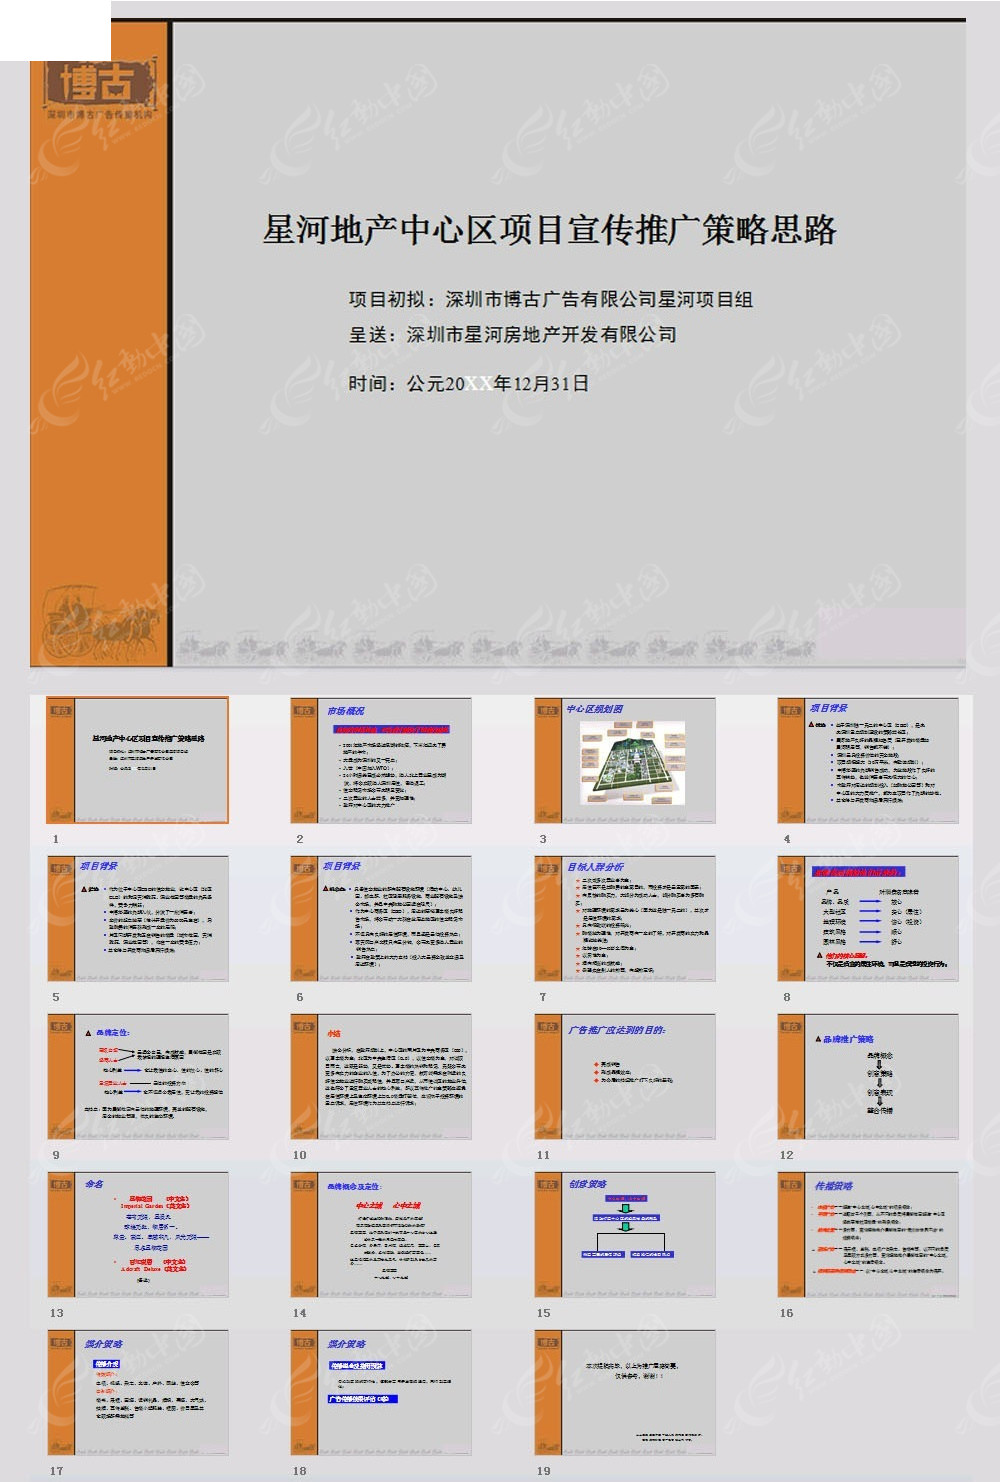 目宣传推广策略思路PPT模板素材免费下载 编号3857514 红动网